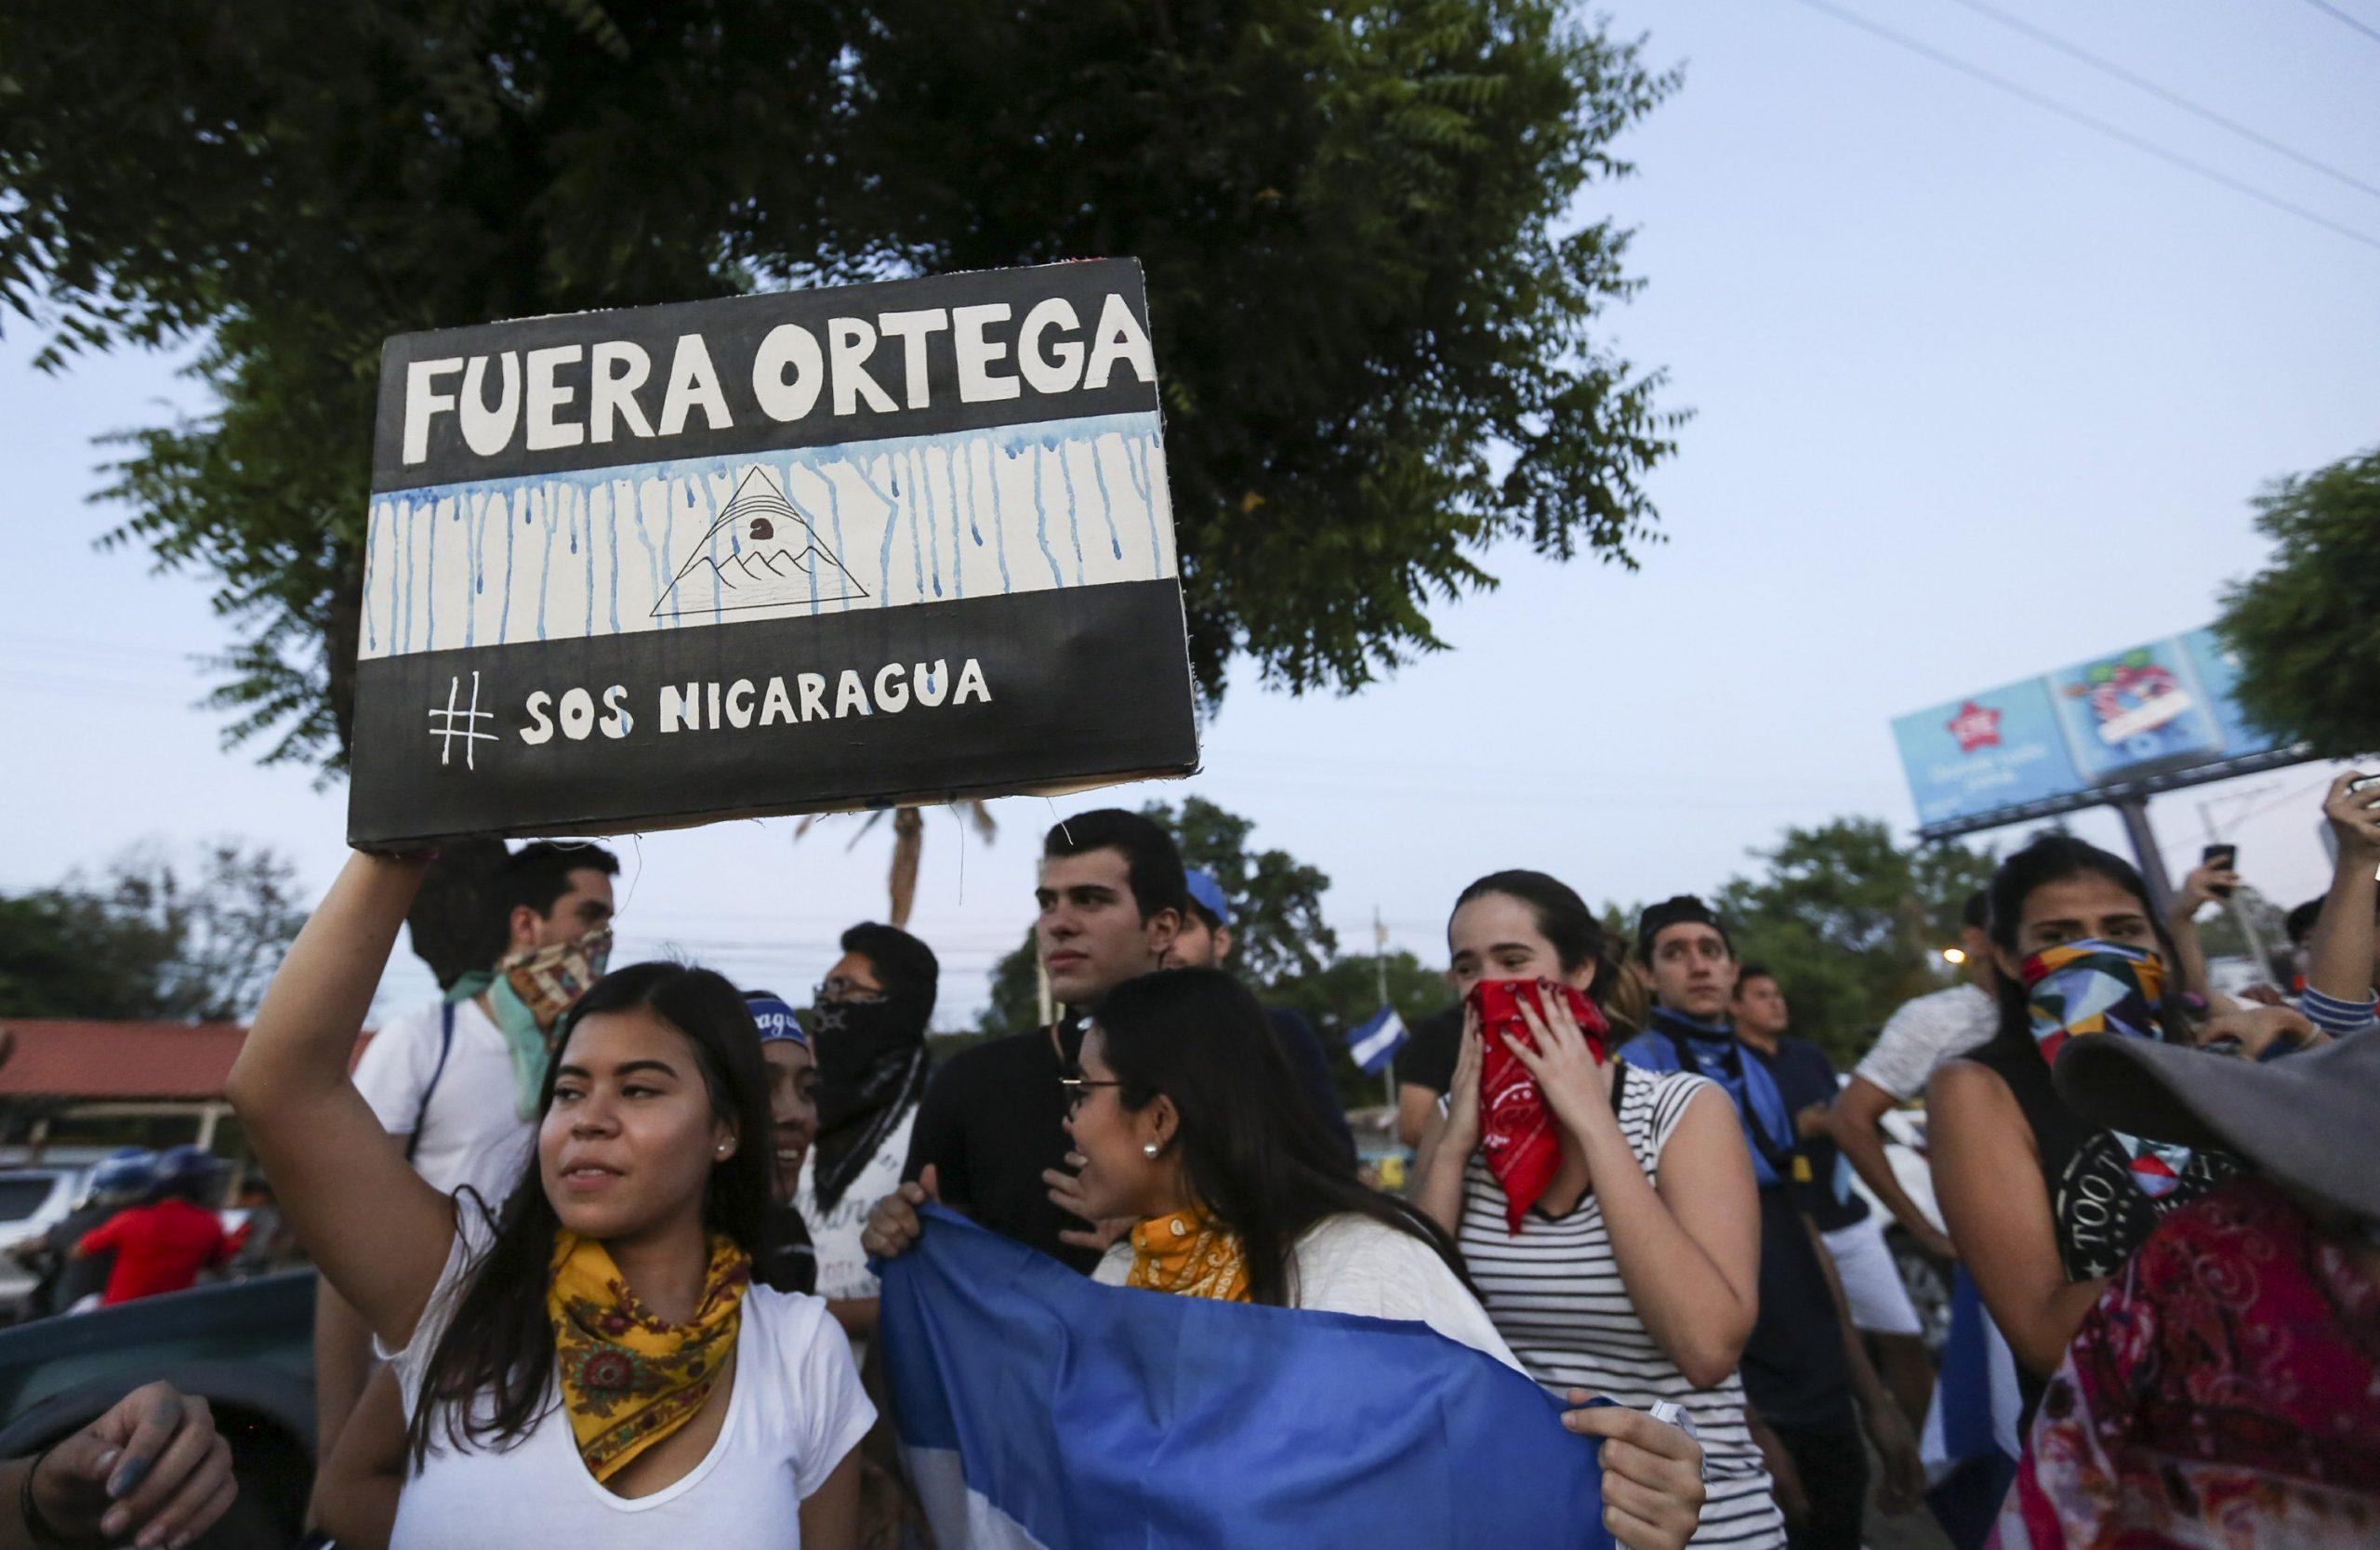 Ortega out